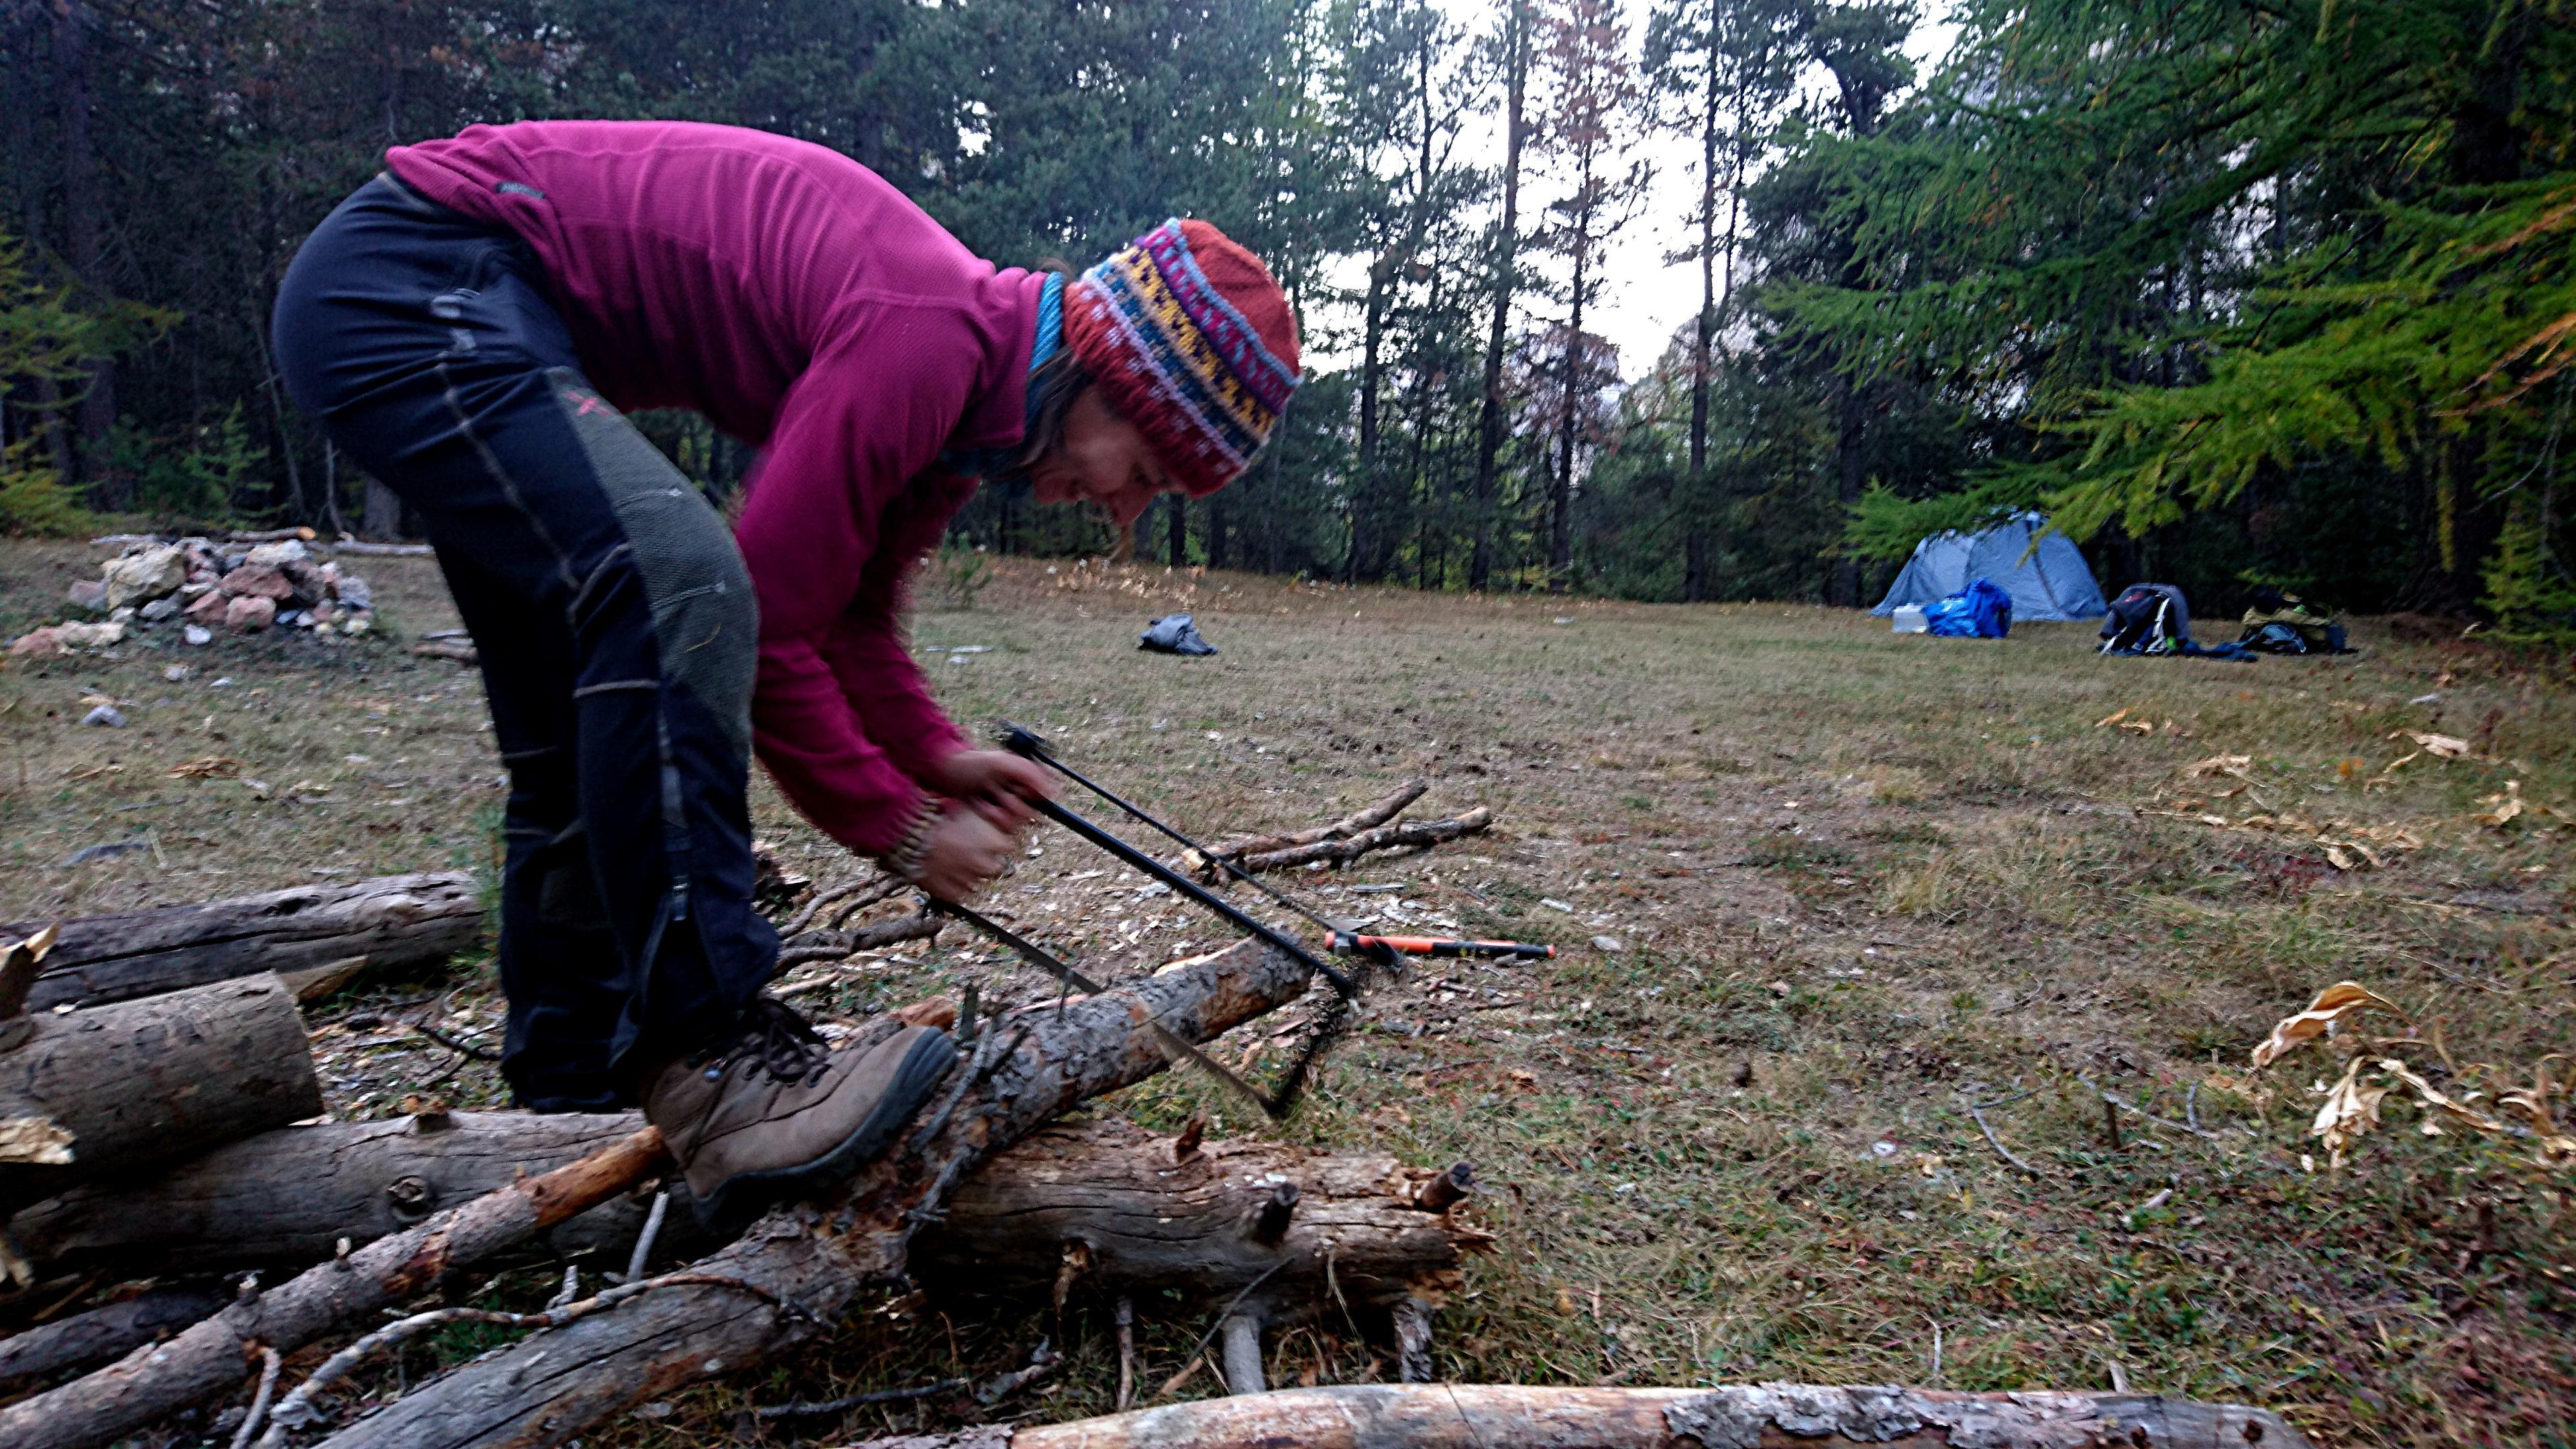 Erica si cimenta nel taglio della legna....pur non utilizzando esattamente la posizione più adatta al taglio.... ;)